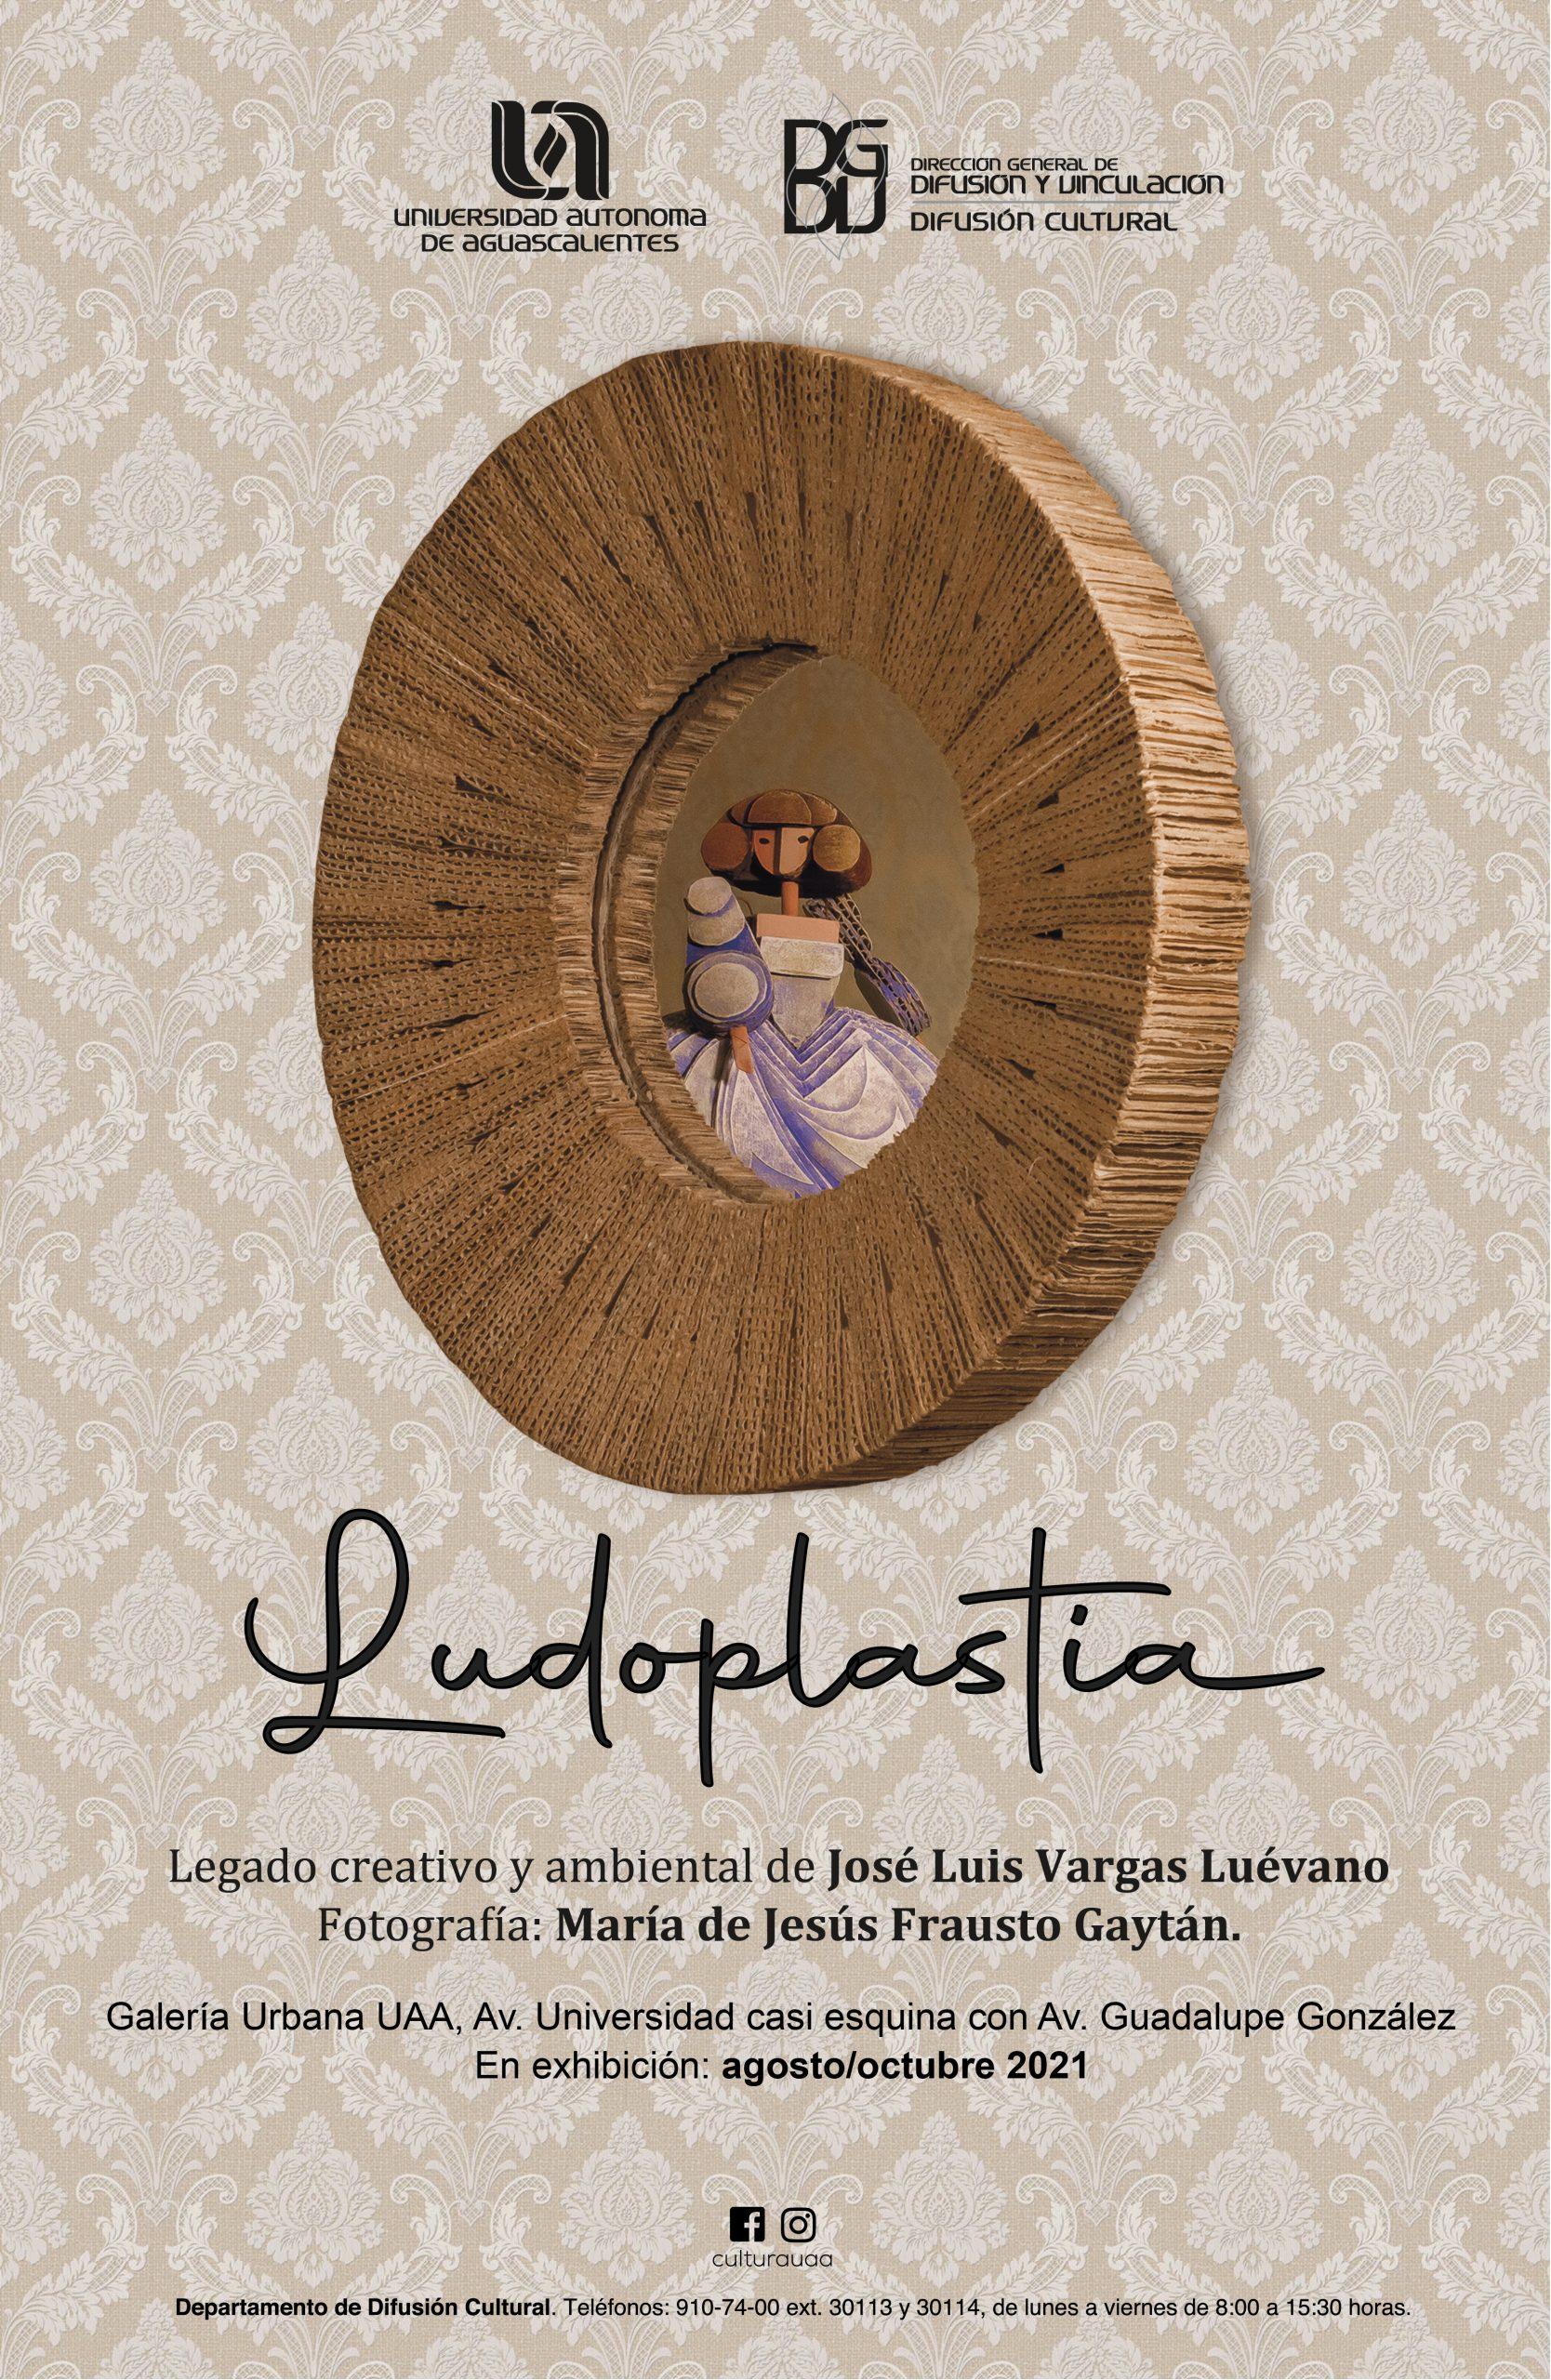 Ludoplastia, legado creativo y ambiental de José Luis Vargas Luévano